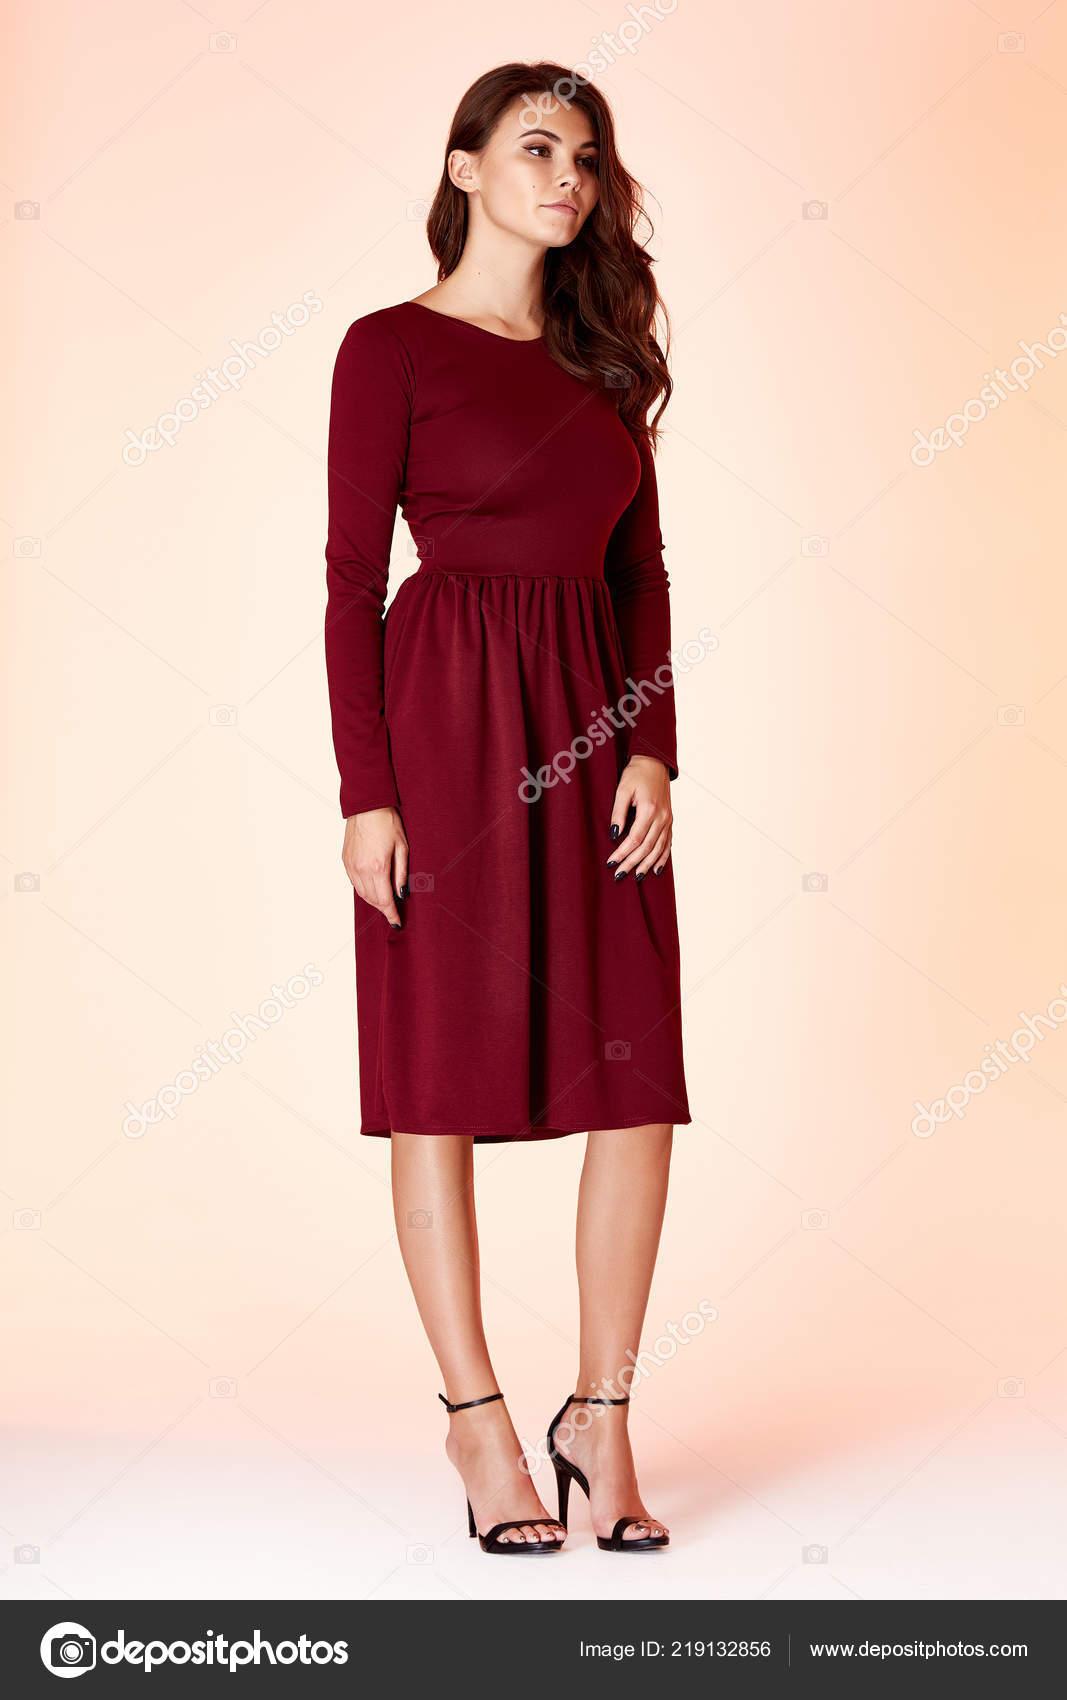 819b6253df Moda estilo de mujer cuerpo perfecto forma morena cabello usar vestimenta elegancia  casual hermosa modelo Secretario aire azafatas protocolo diplomático ...